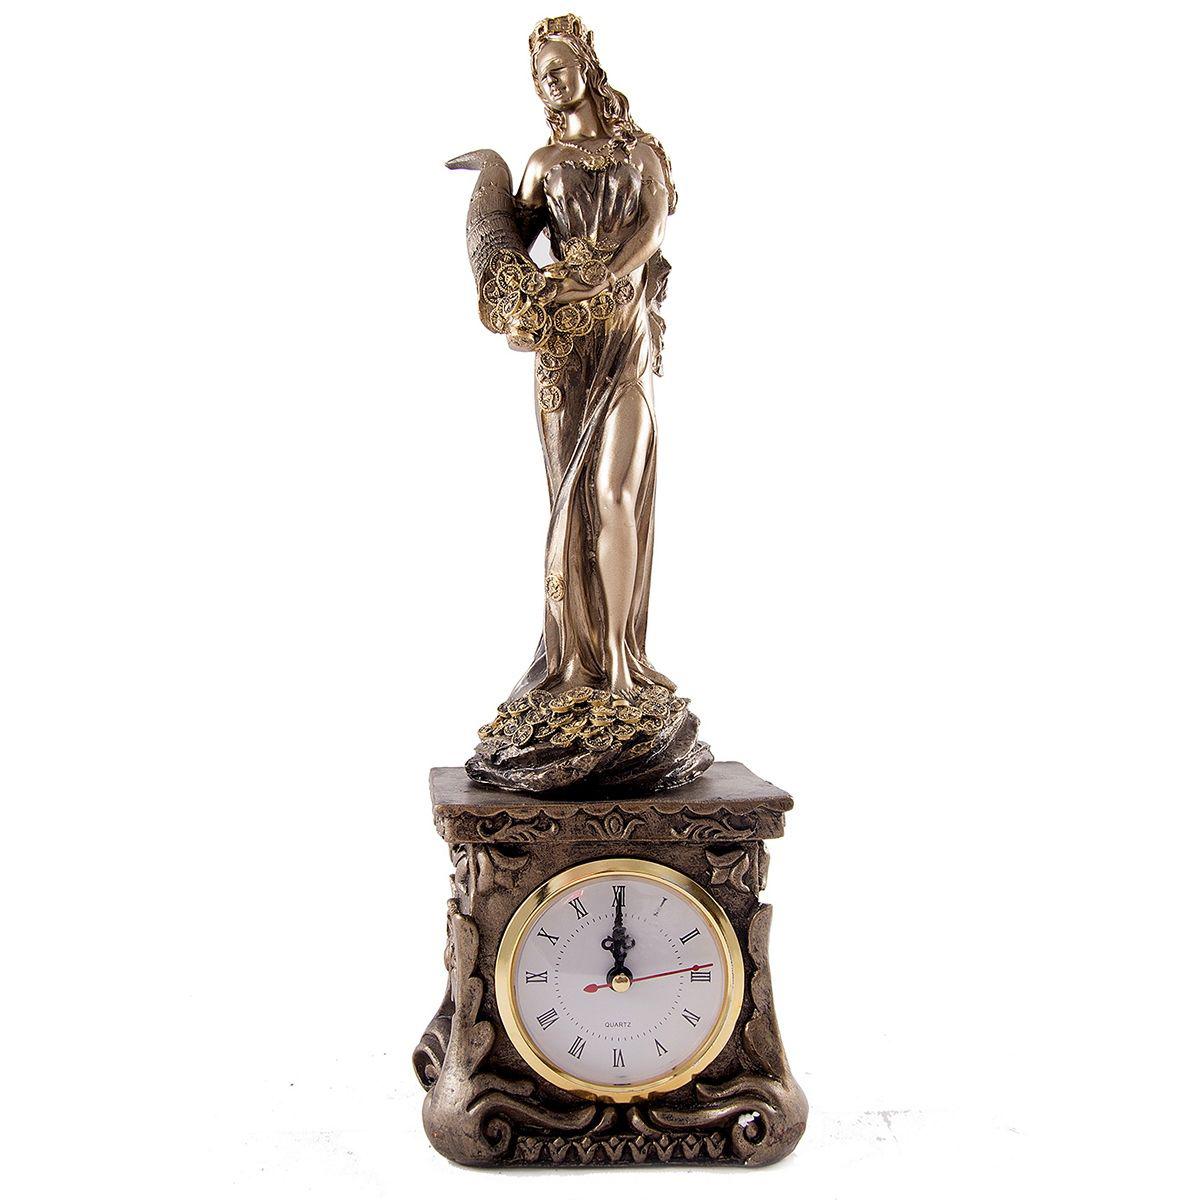 Часы настольные Русские Подарки Римская богиня счастья и удачи - Фортуна. 5934559345Настольные часы Русские подарки Римская богиня счастья и удачи - очень оригинальные и стильные настольные часы. Корпус выполнен из полистоуна. Они прекрасно впишутся практически в любой интерьер и станут превосходным украшением вашей комнаты. Это красивый и практичный подарок на любое торжество для родных и близких.